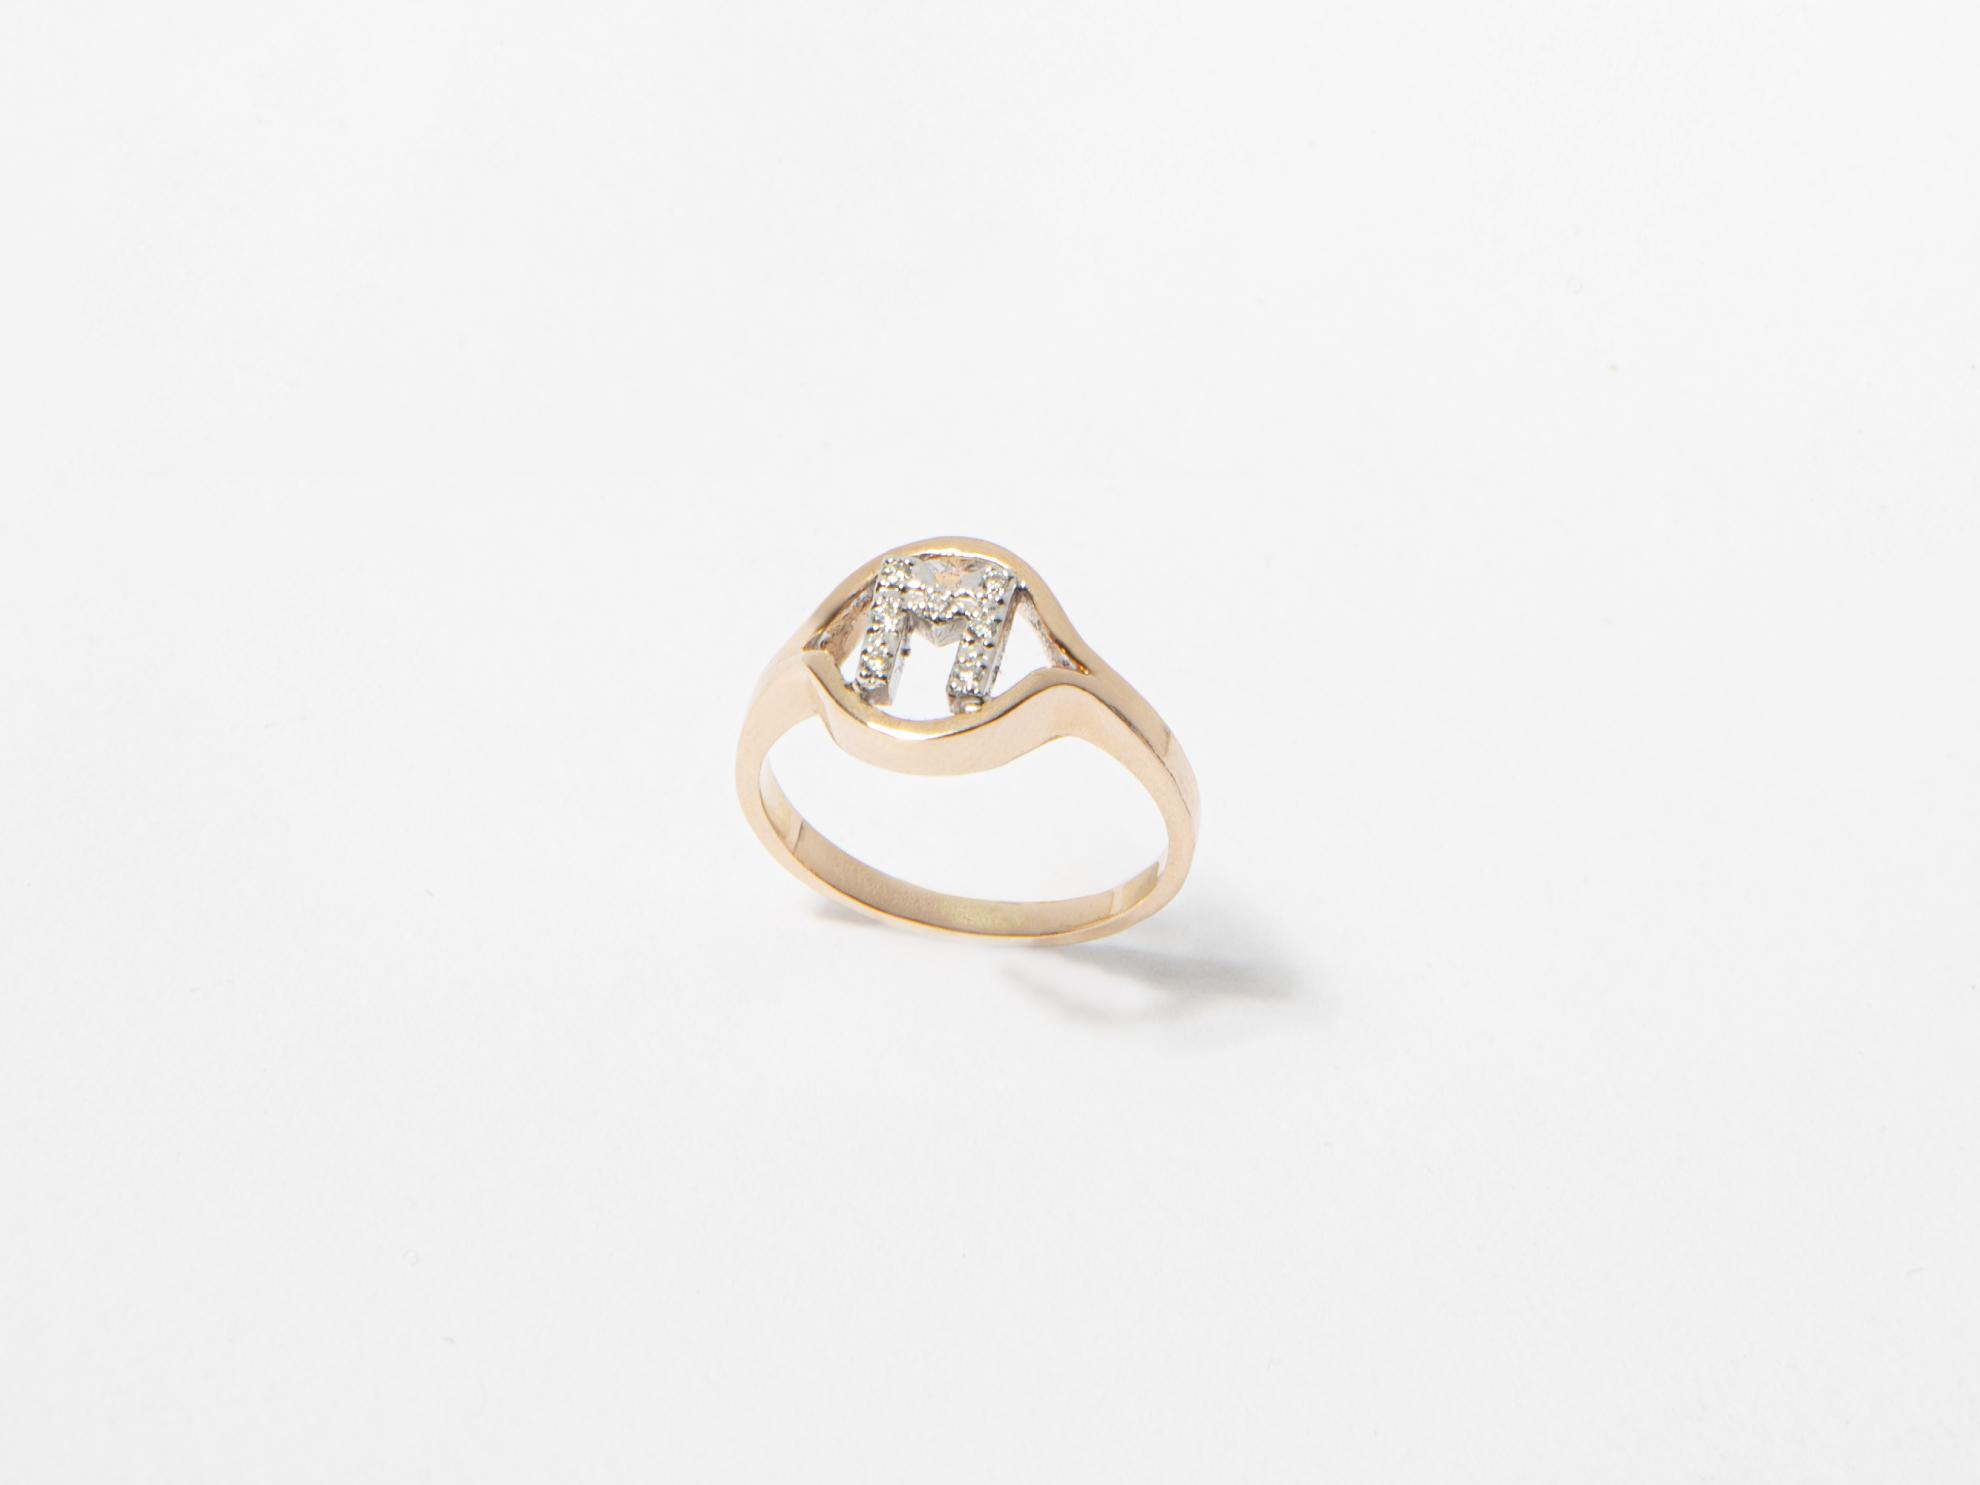 Anello in oro e diamanti con lettera personalizzato - Ivy Gioielli Prato